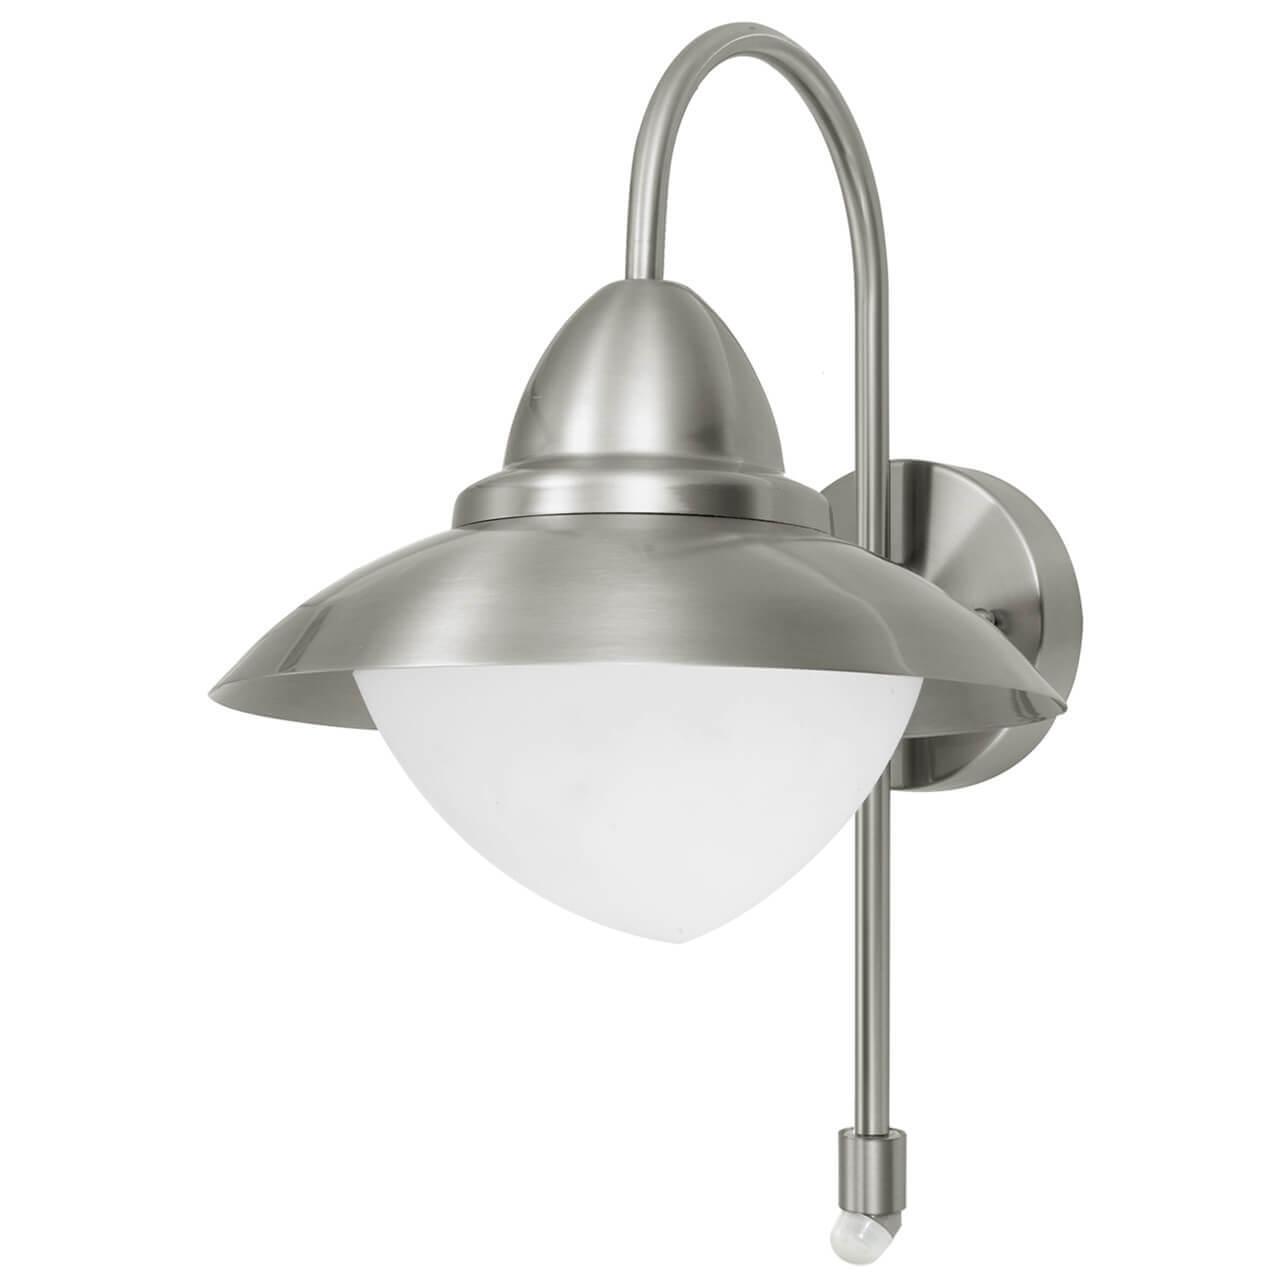 цена на Уличный настенный светильник Eglo Sidney 87105